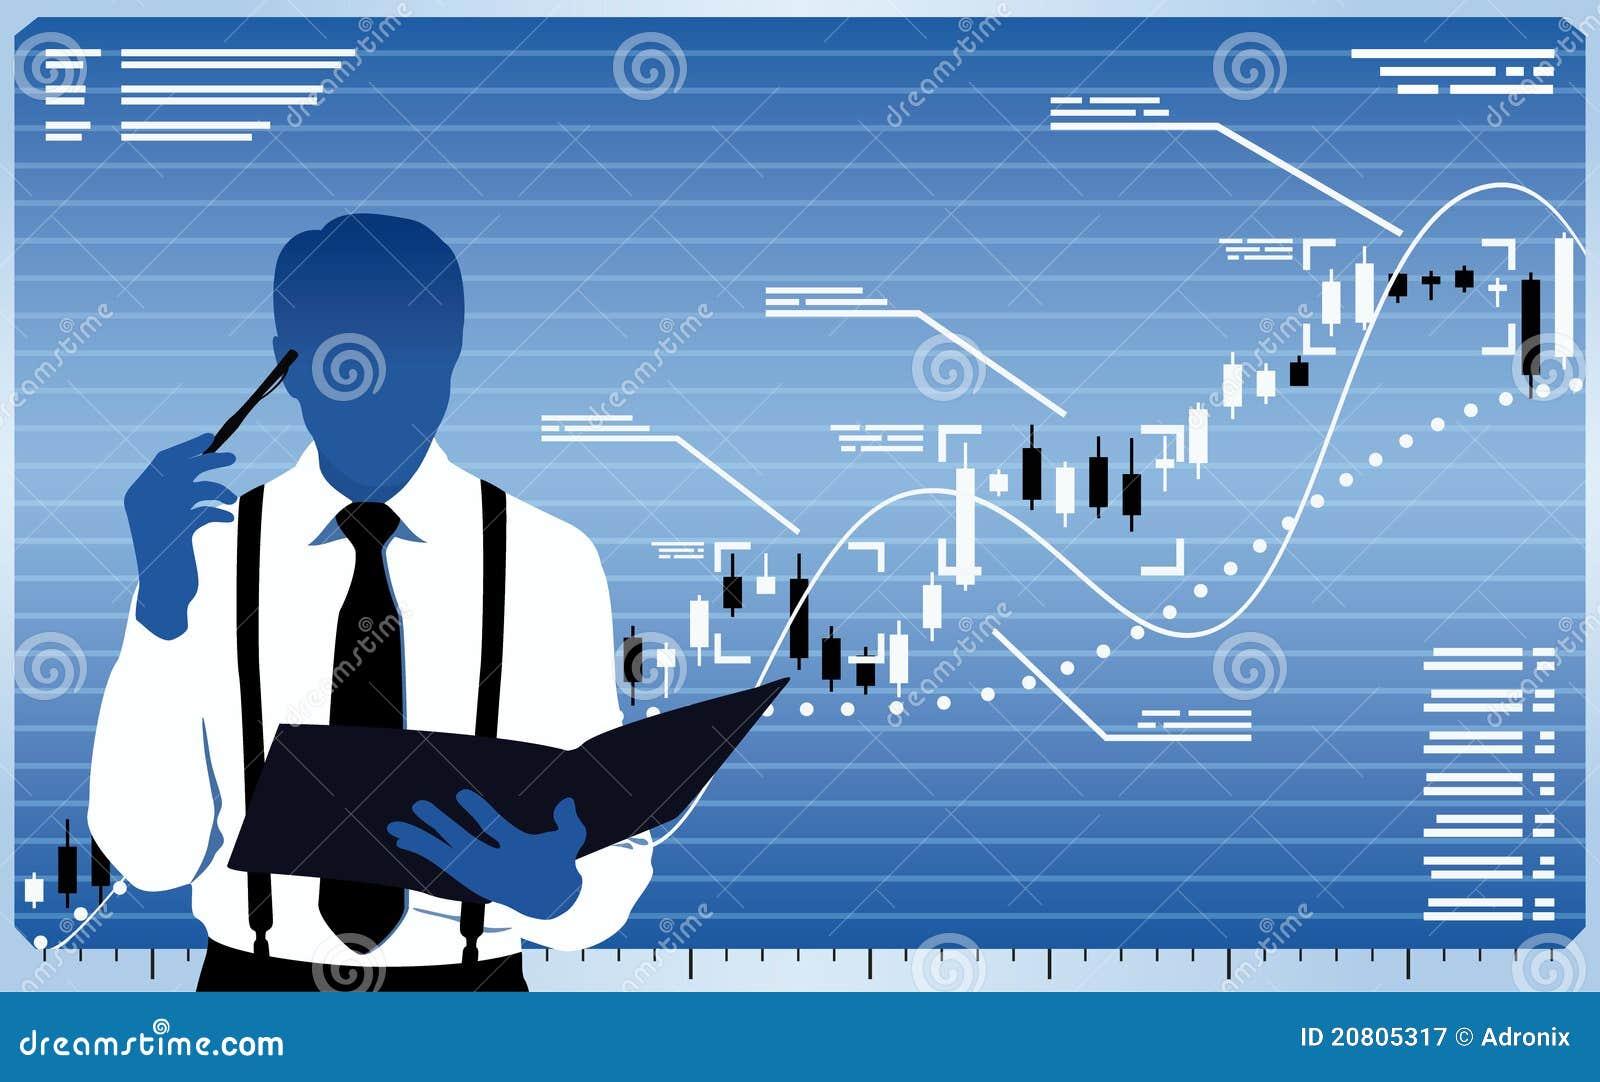 analyste d u0026 39 affaires illustration de vecteur  illustration du commer u00e7ant